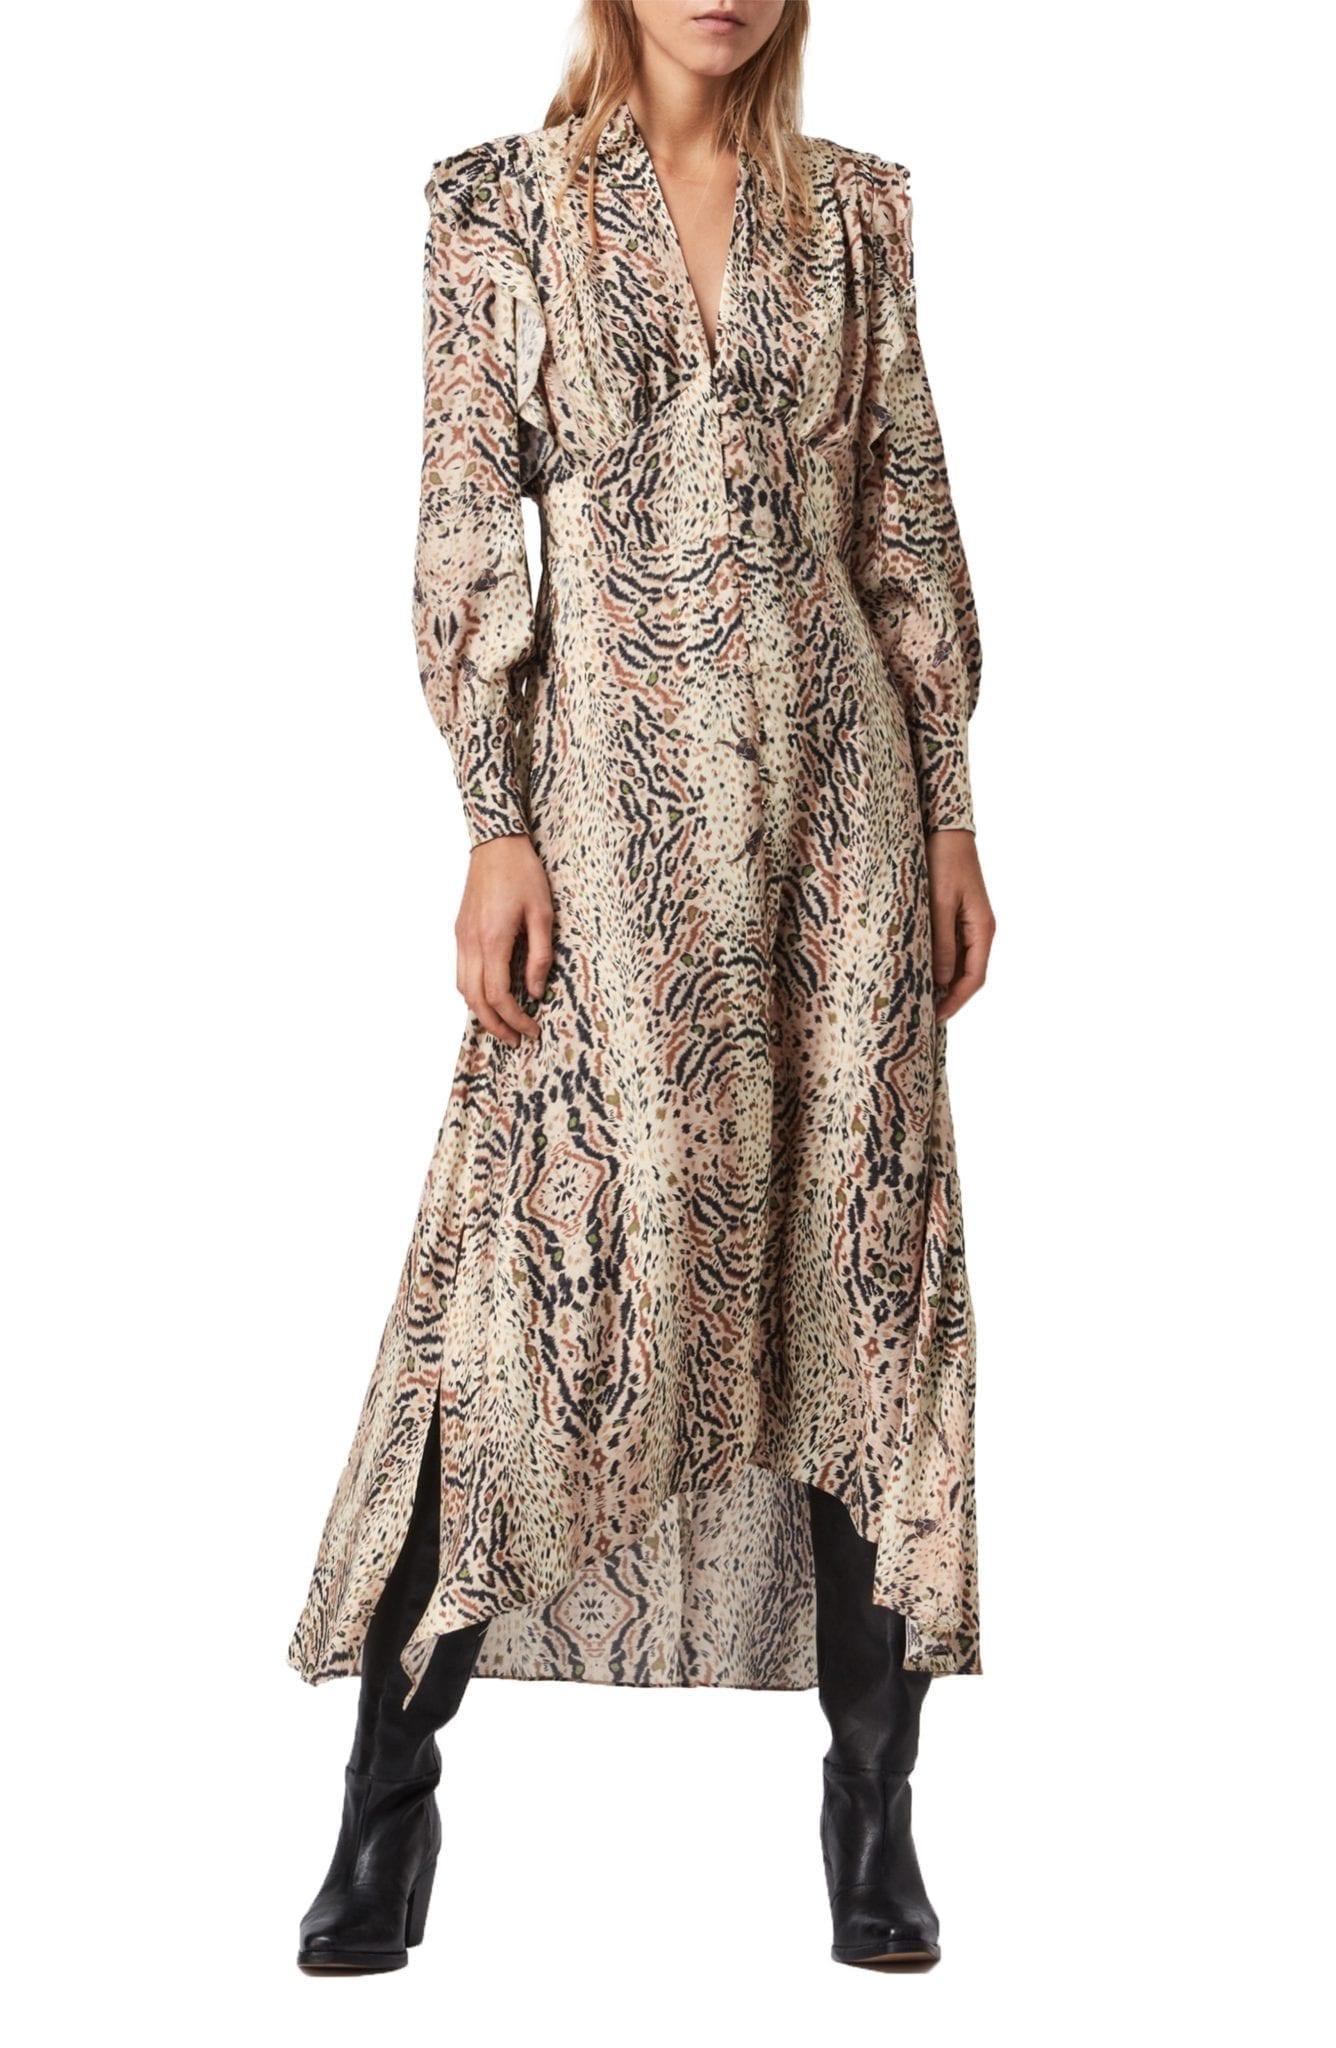 ALLSAINTS Lia Arietta Mixed Print Long Sleeve Cotton Blend Shirt Dress